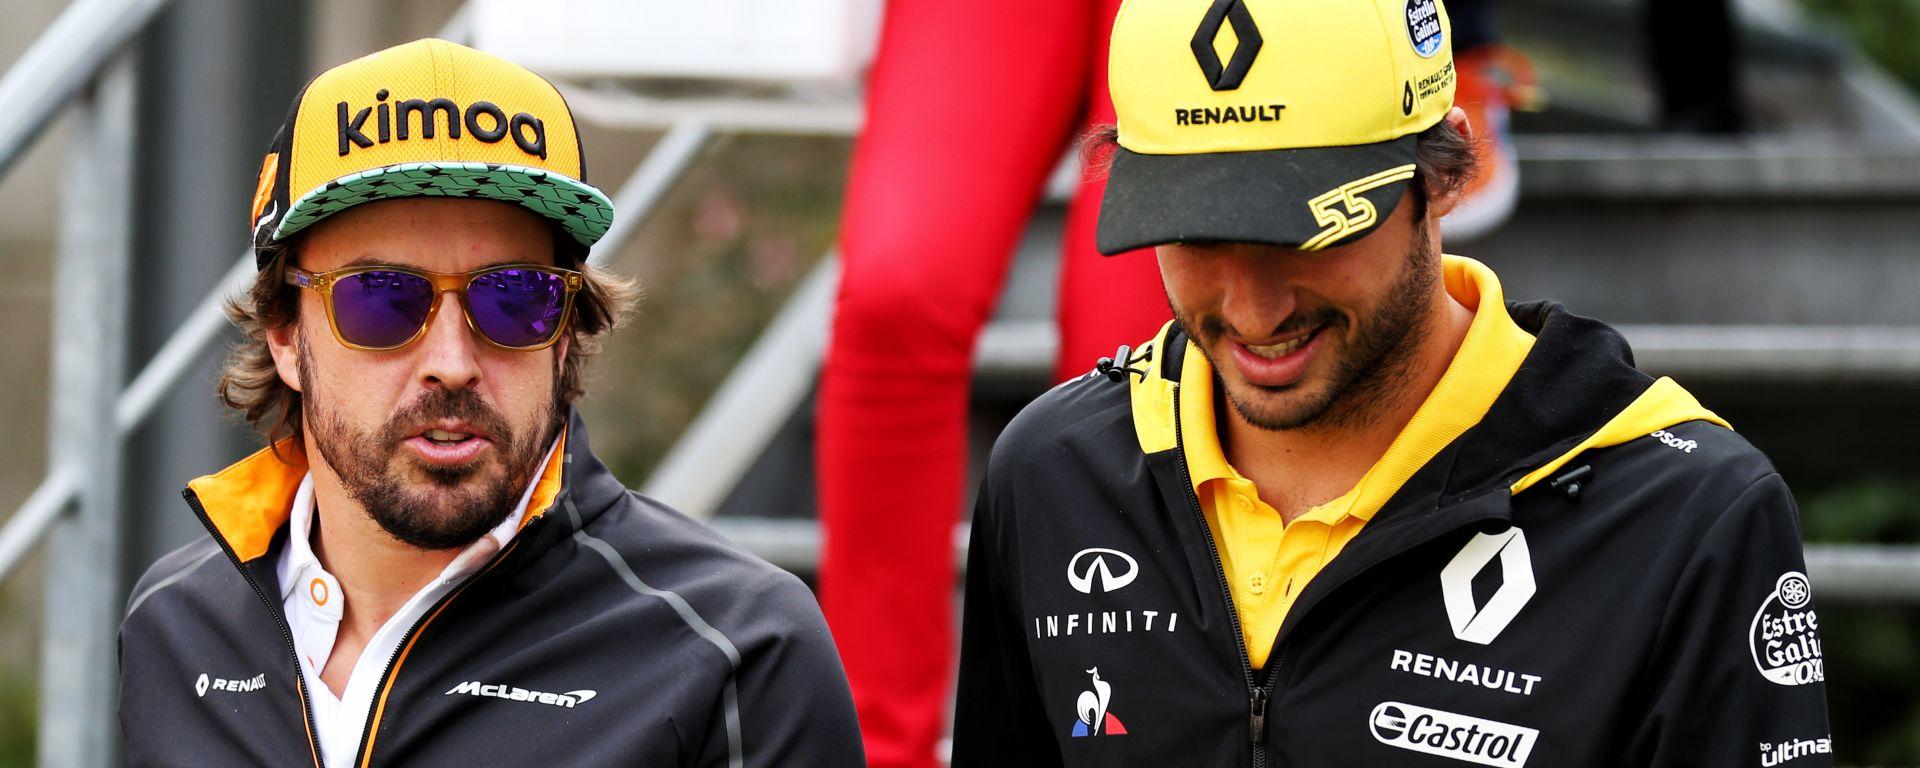 F1 2018: Fernando Alonso (McLaren) con Carlos Sainz (Renault)